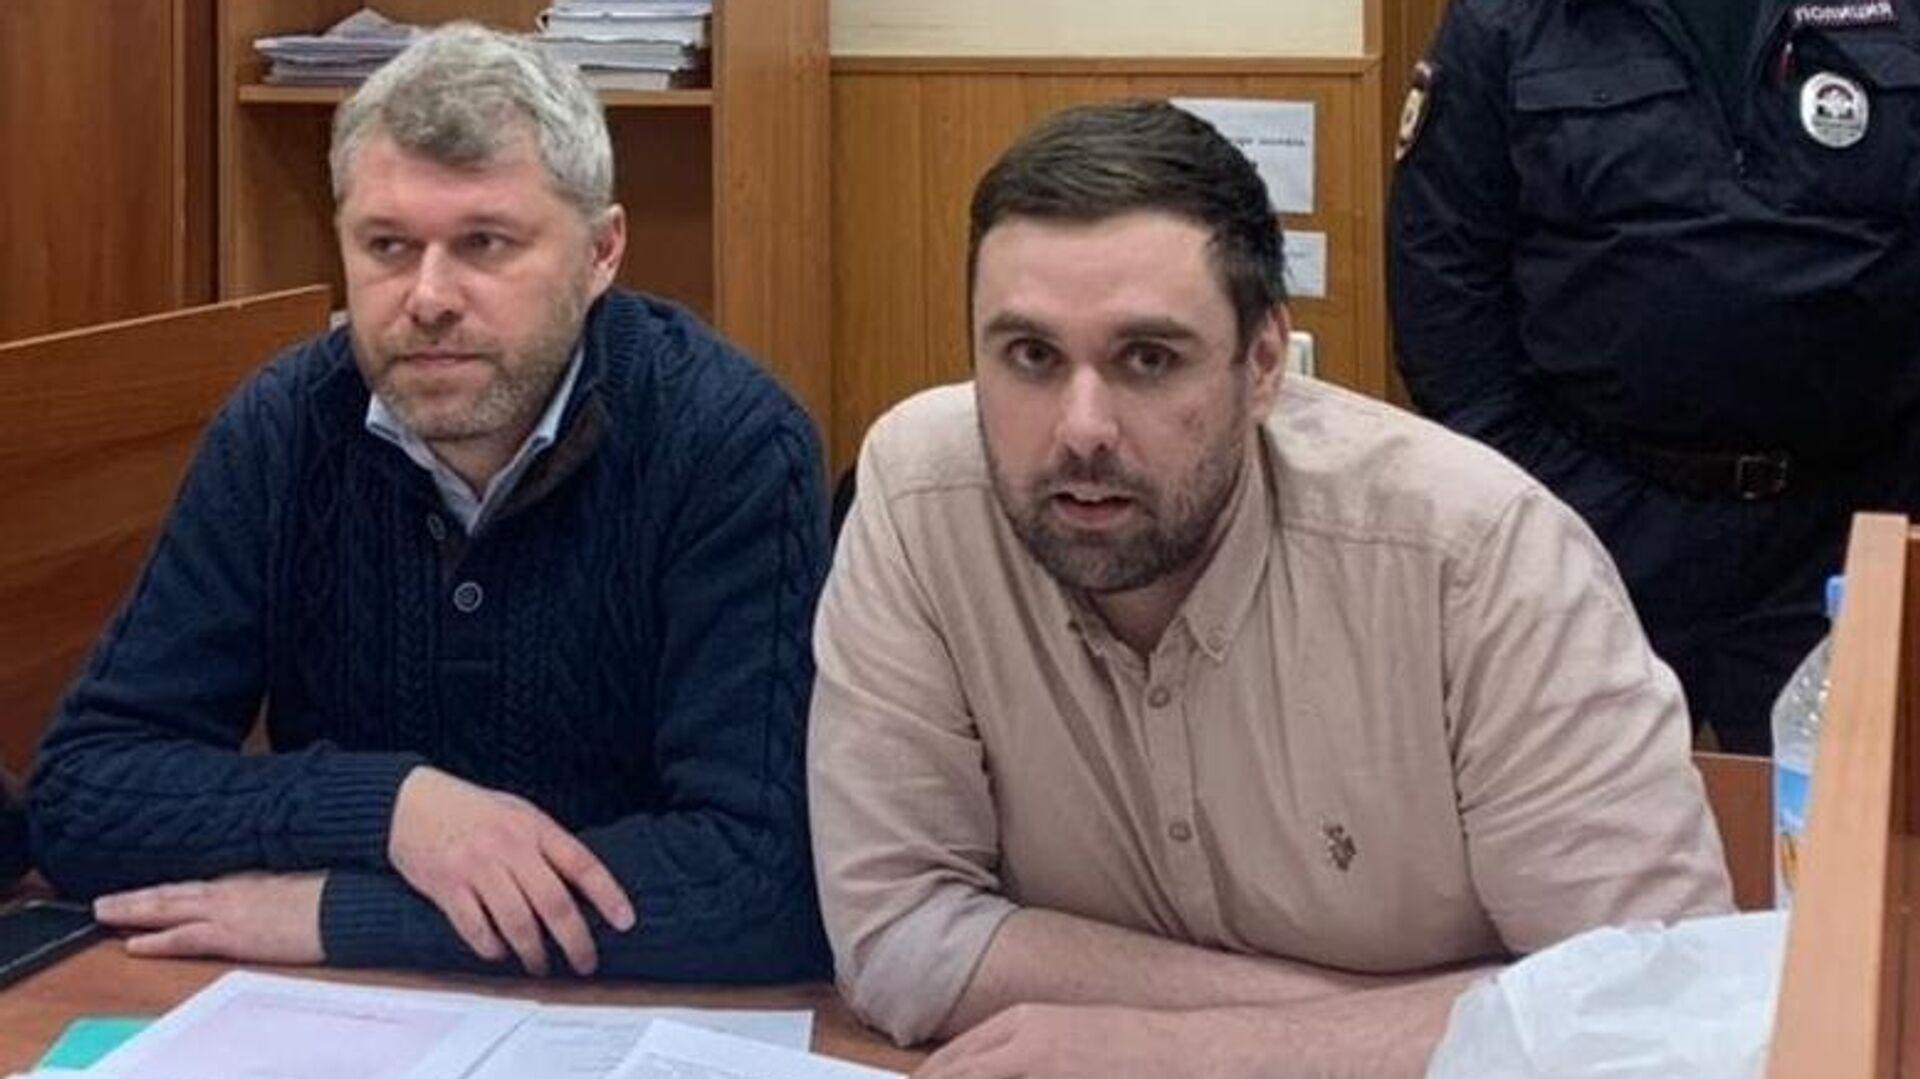 Муниципальный депутат Константин Янкаускас (справа) в Басманном районном суде Москвы - РИА Новости, 1920, 09.02.2021